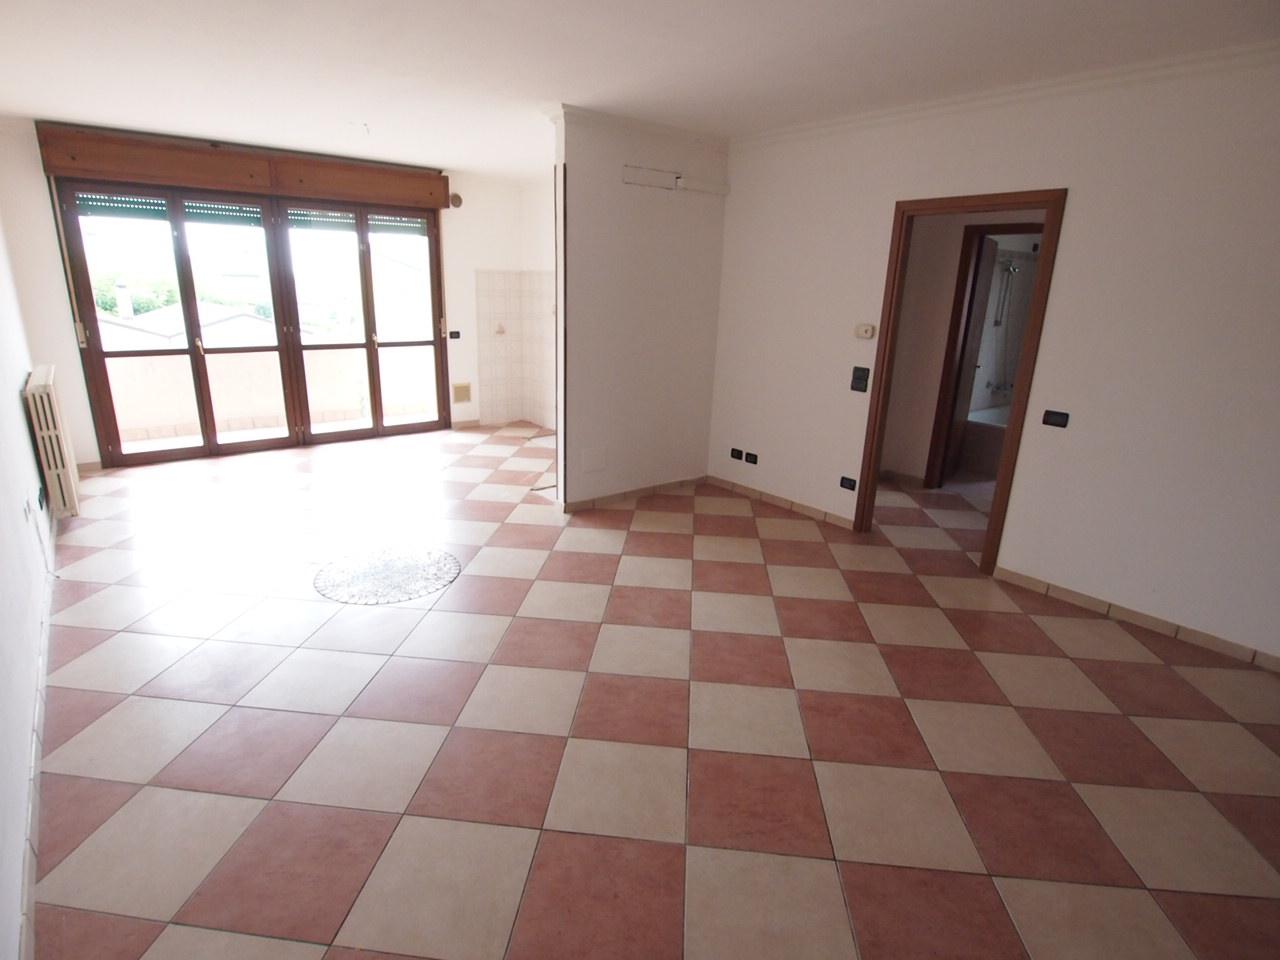 Le mie ultime vendite il blog di alessandro pasqual for Casa con 3 camere da letto con cantina